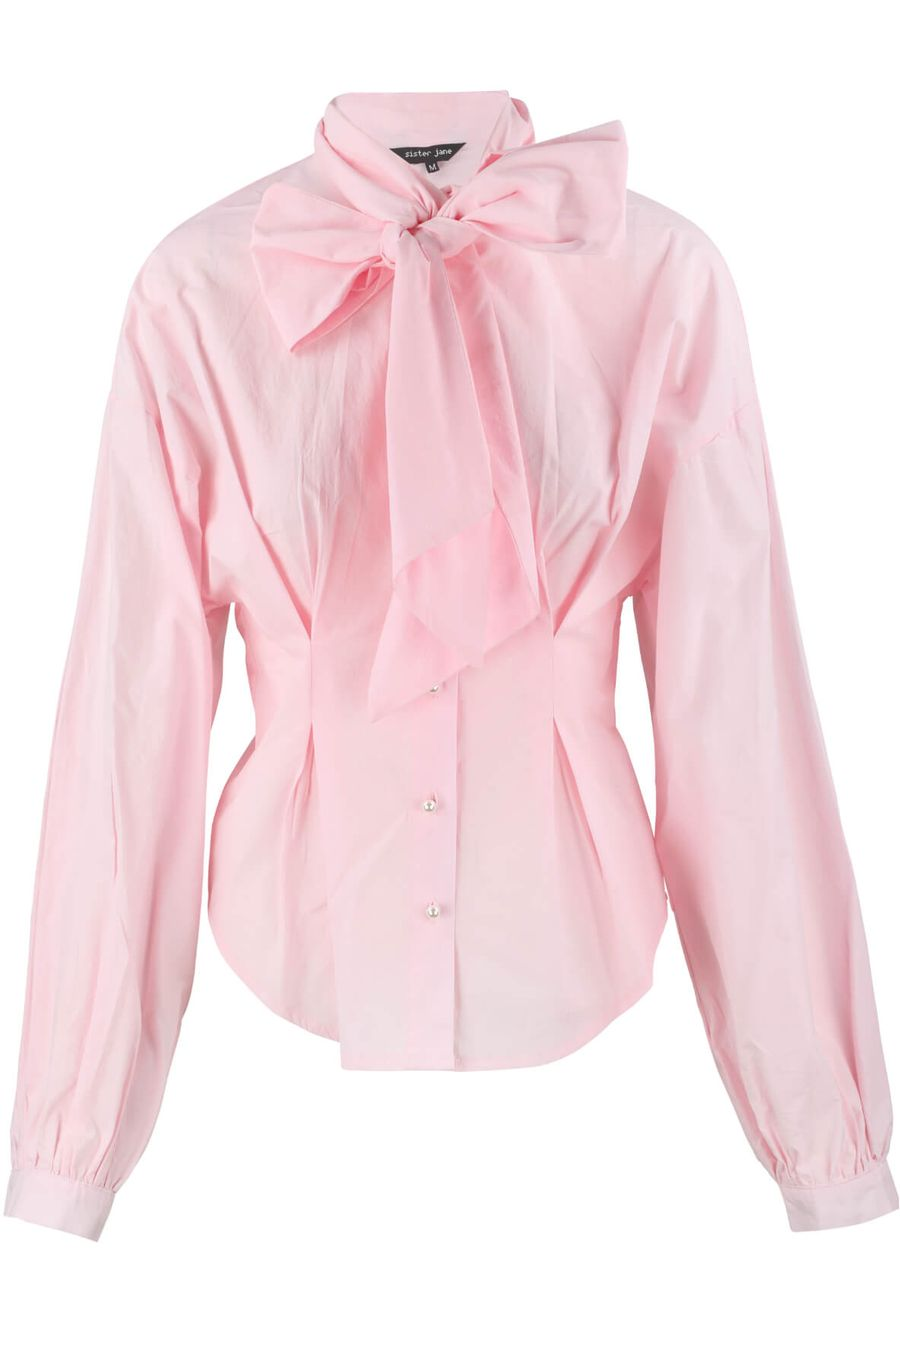 sister-jane-canela-pintuck-blouse-1